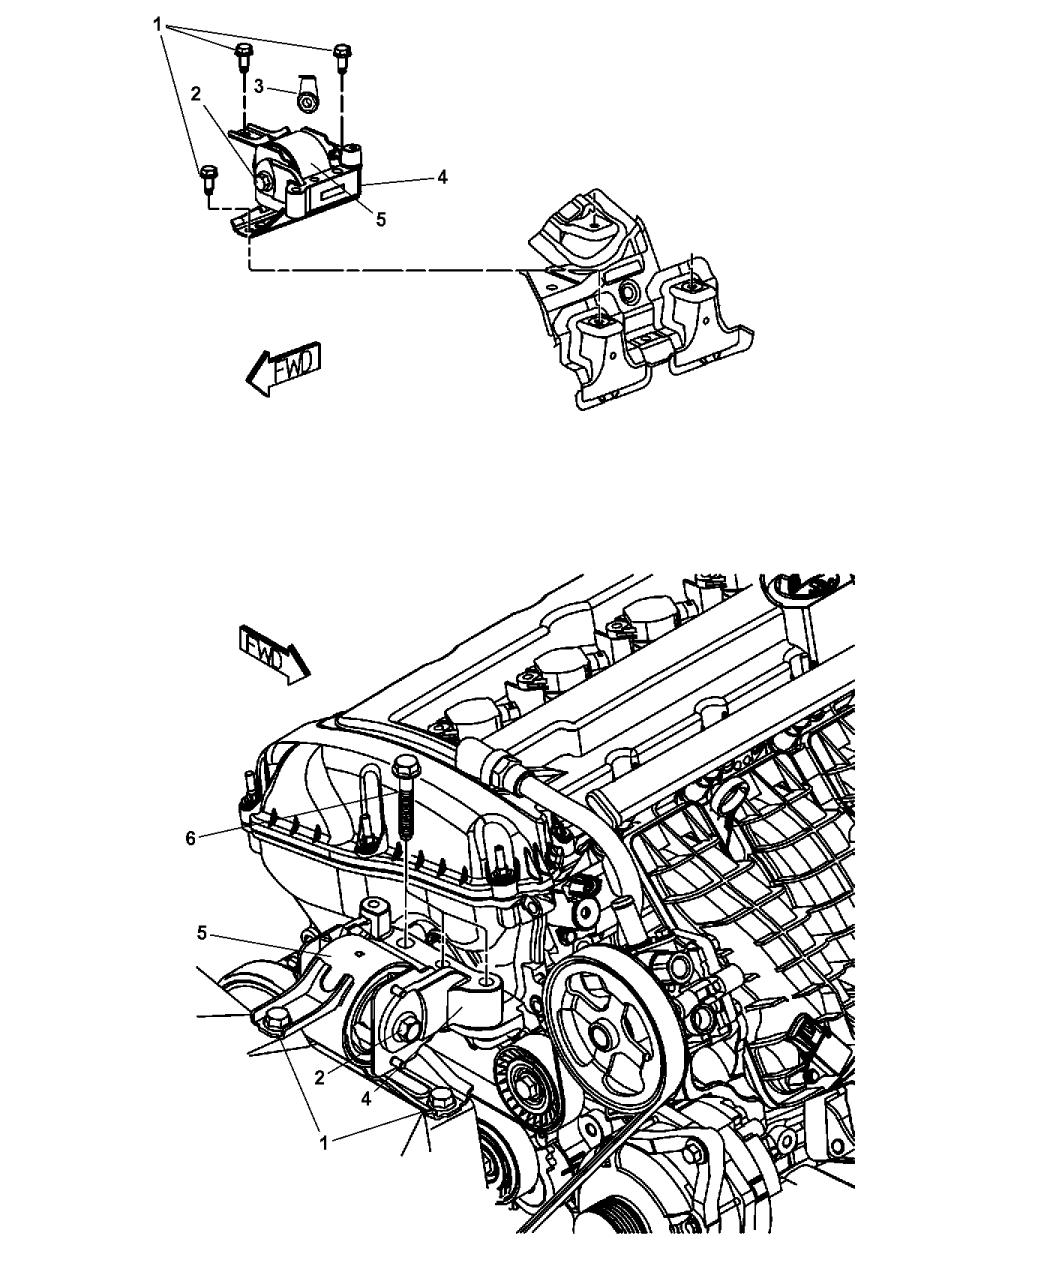 5105489AH - Genuine Mopar INSULATOR-ENGINE MOUNT